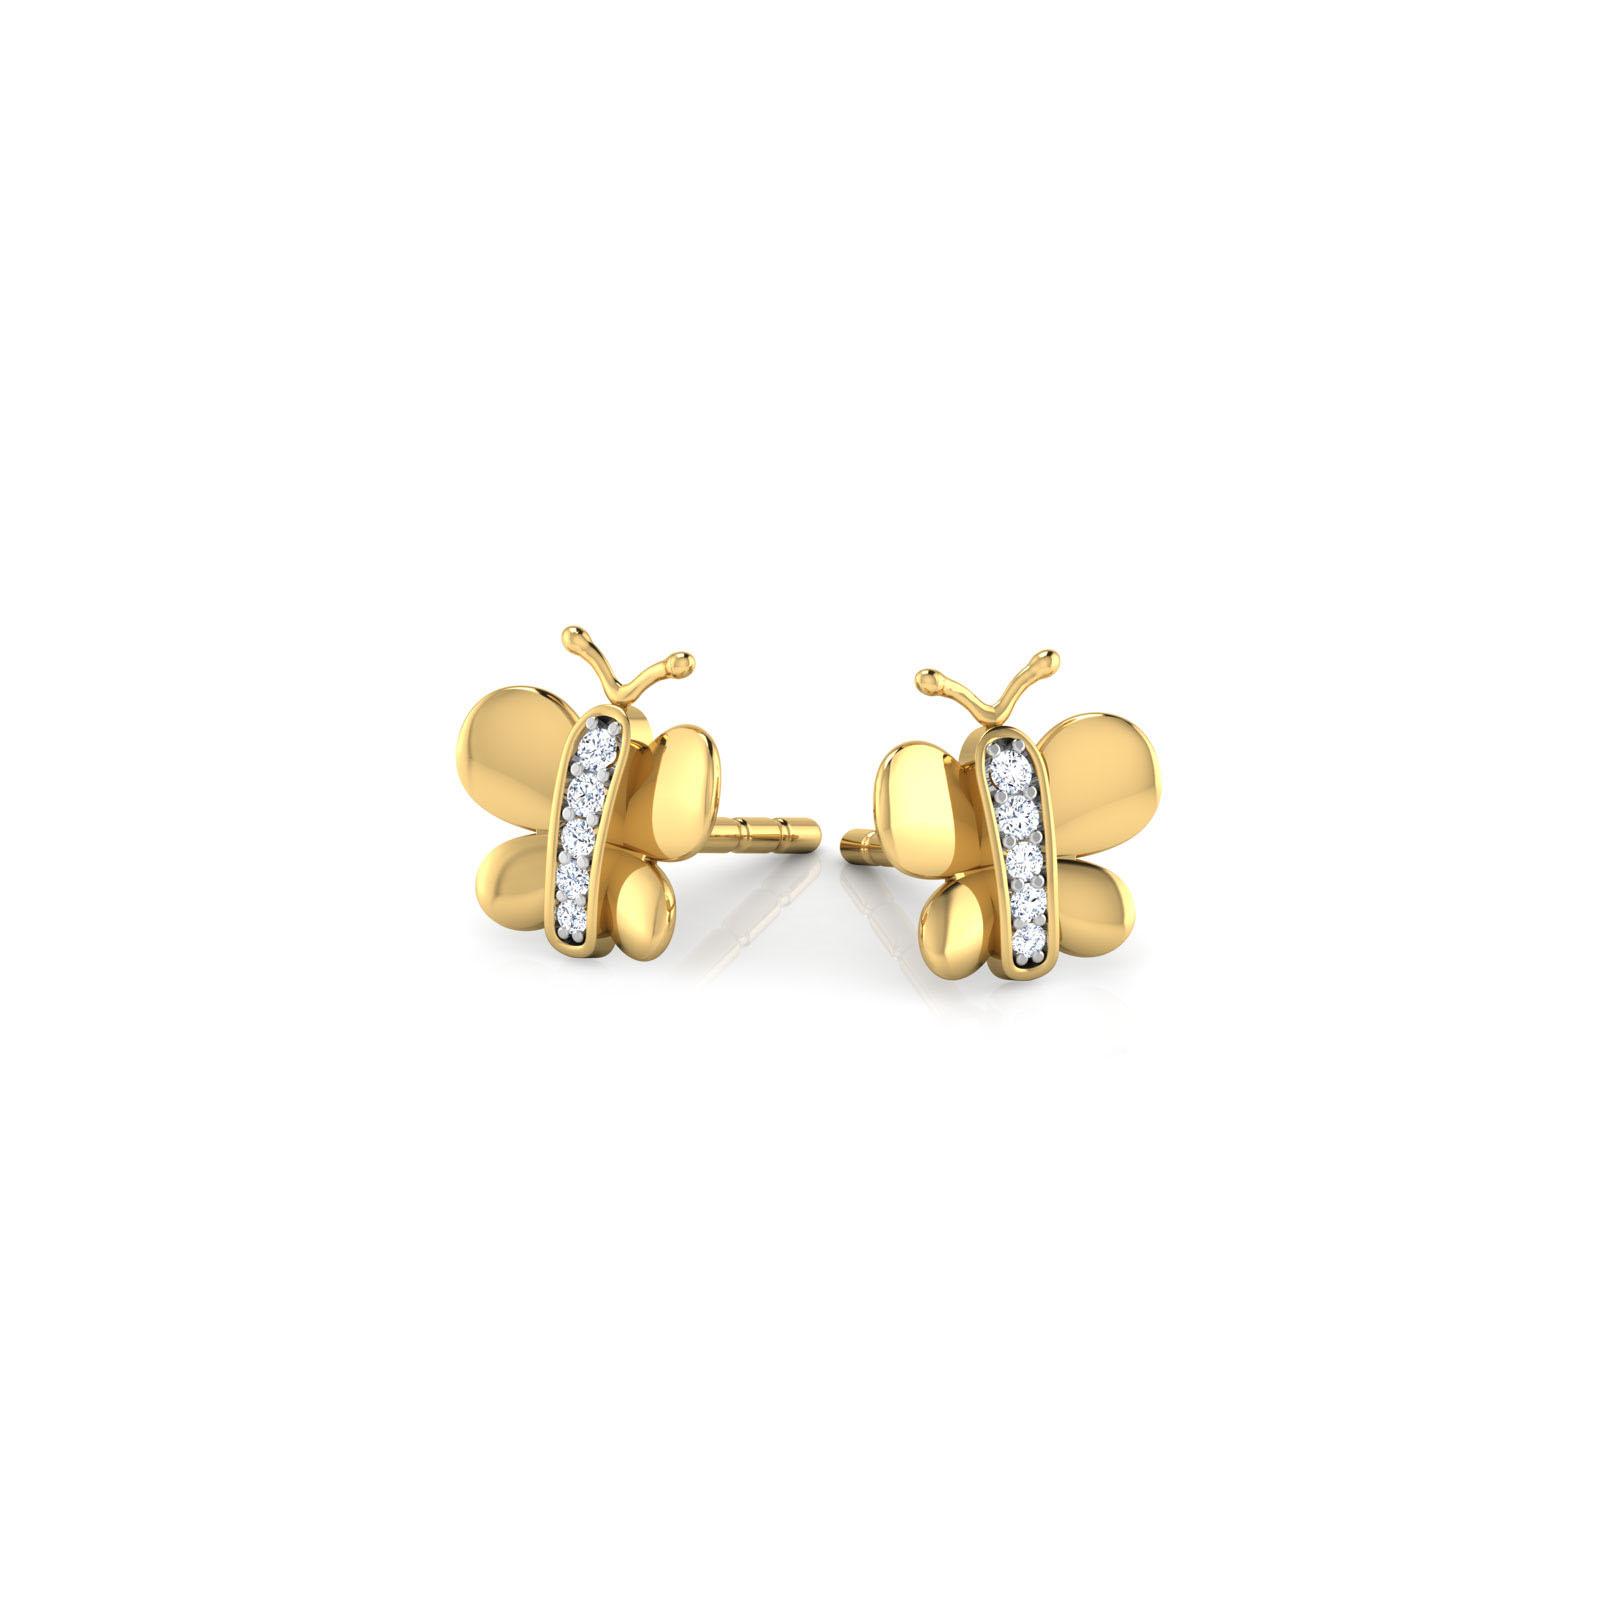 Серьги-пусеты из желтого золота Perfecto Jewellery Kids Collection в форме бабочек с бриллиантами je03501-ygp900